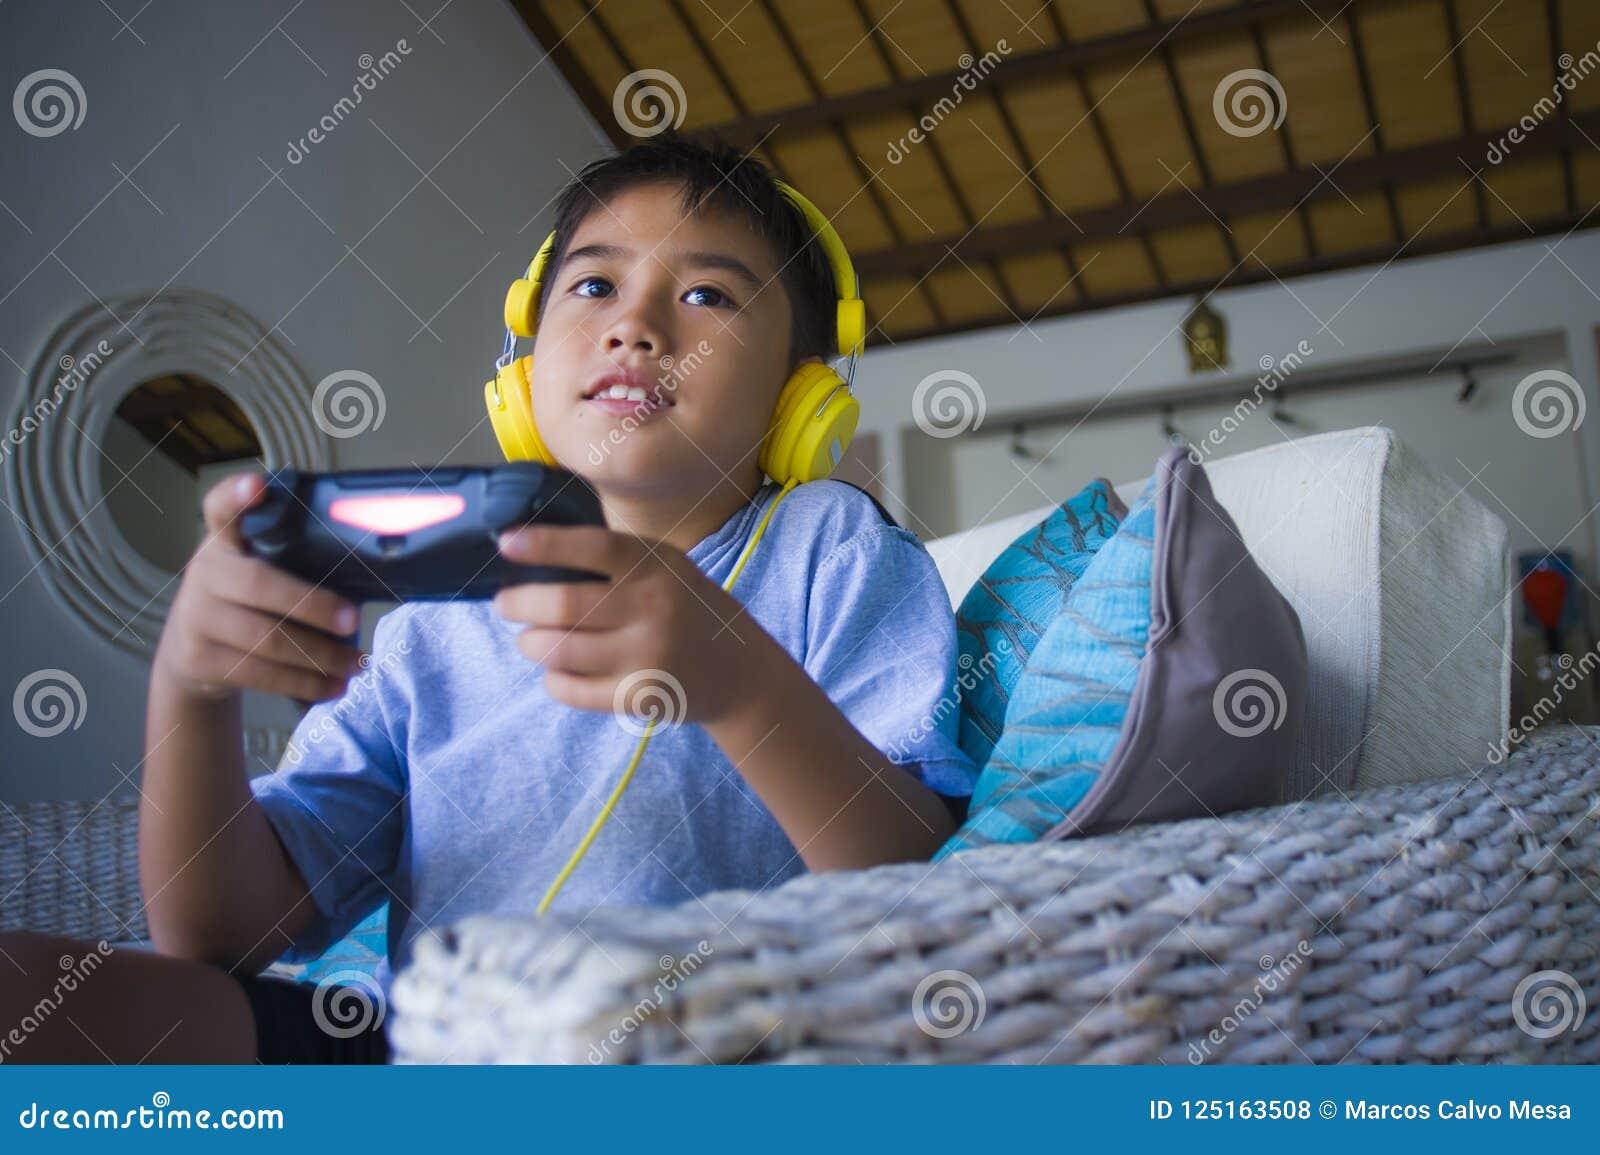 Videojuego que juega del niño latino en línea emocionado y feliz con los auriculares que detienen al regulador que goza divirtién